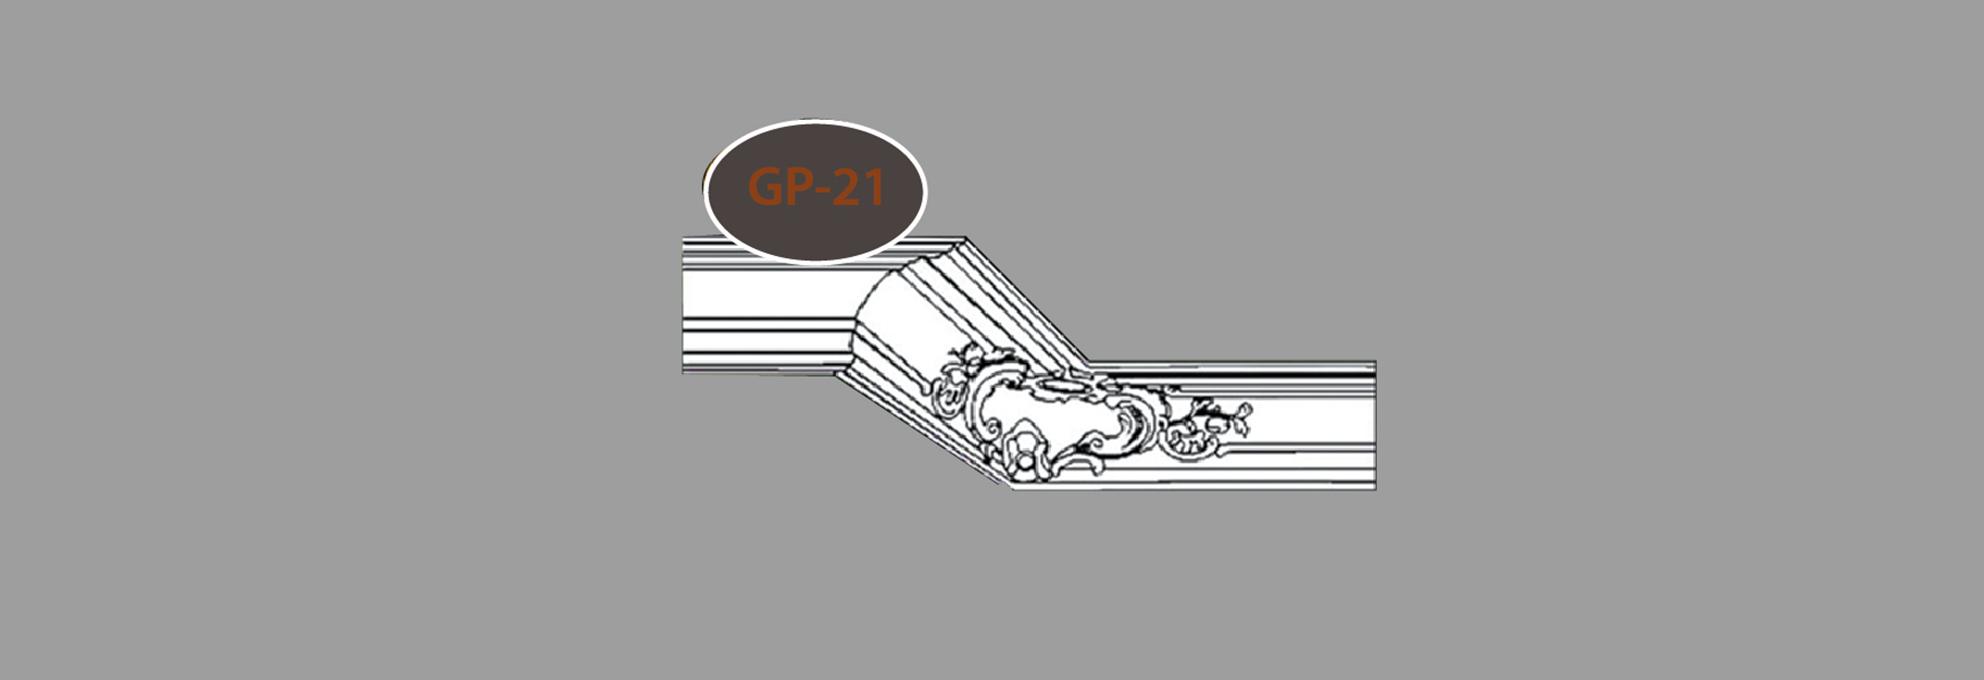 GP 21 EK